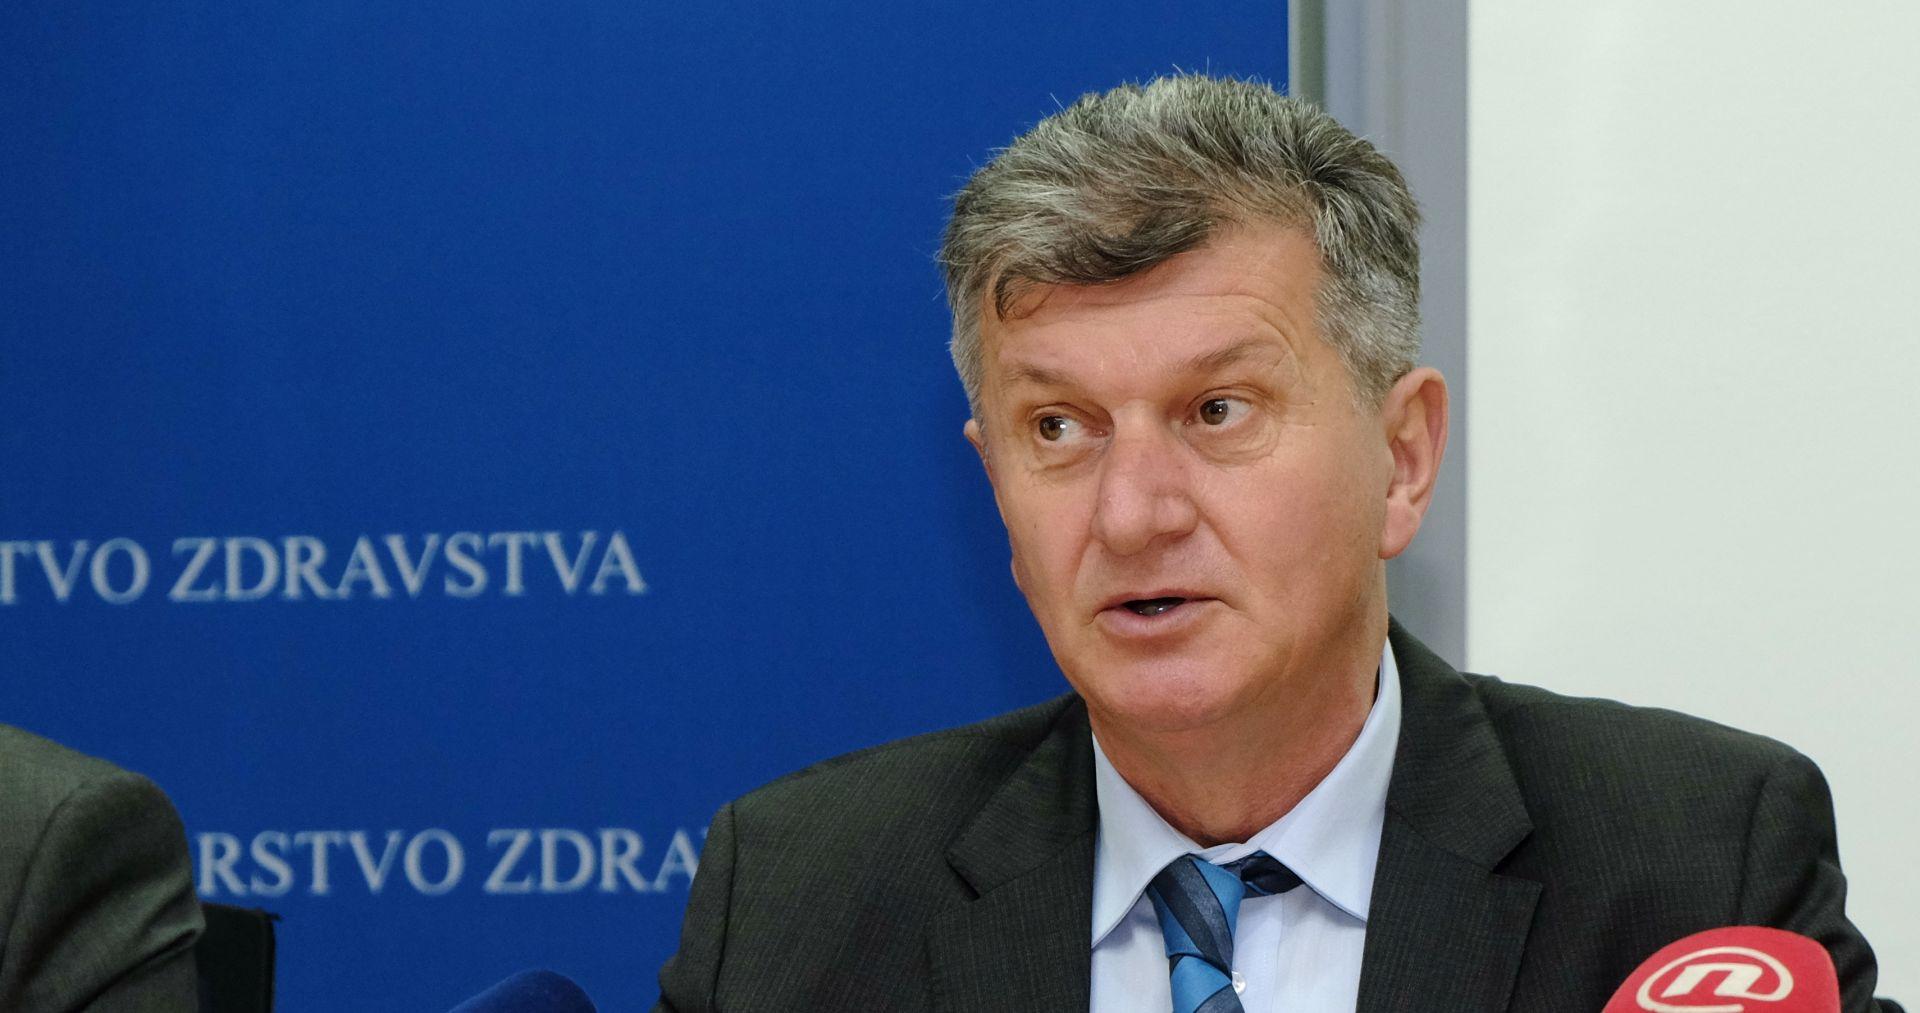 KUJUNDŽIĆ 'Uskoro plaćanje 870 milijuna kuna za dugove veledrogerijama'